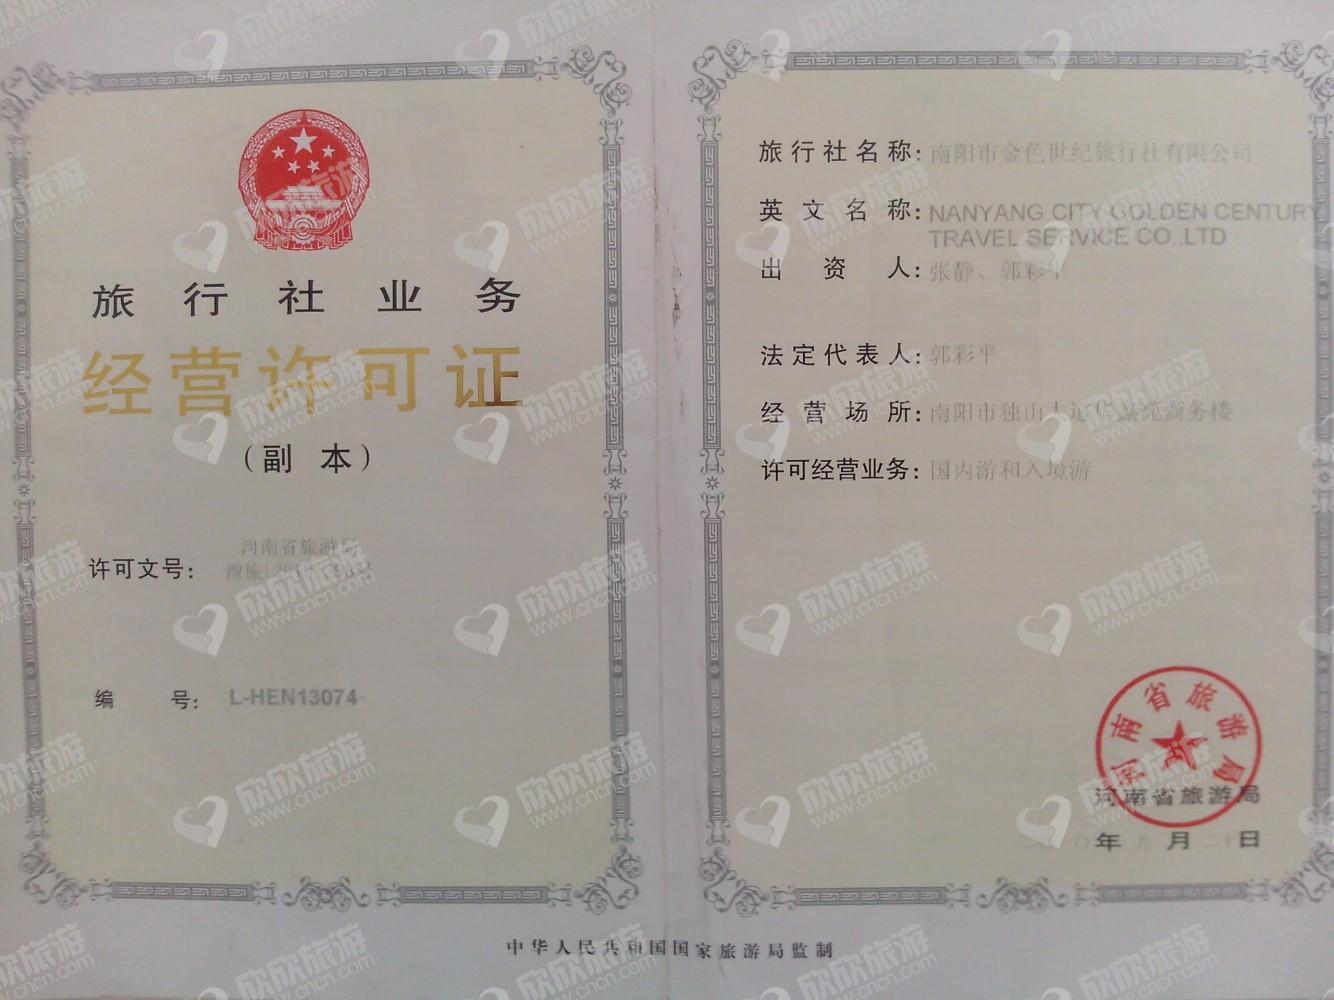 南阳市金色世纪旅行社有限公司经营许可证